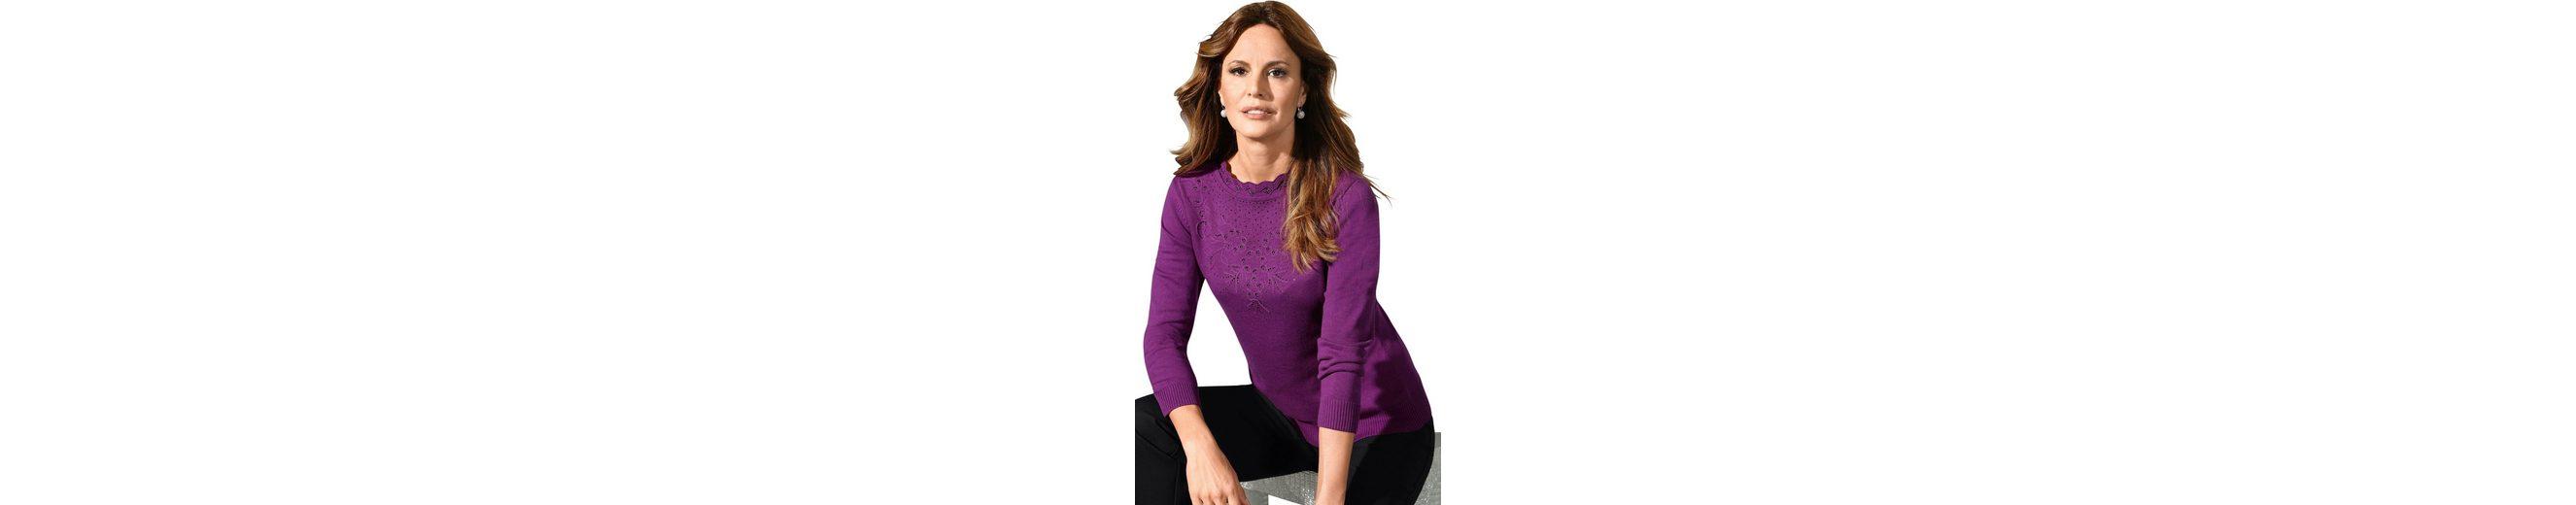 Lady Pullover mit kleinen Glitzersteinchen am Ausschnitt Freies Verschiffen Klassische Zu Verkaufen 2018 Neue Billig Kaufen Authentisch Billig Verkauf Rabatte dMGfA1g